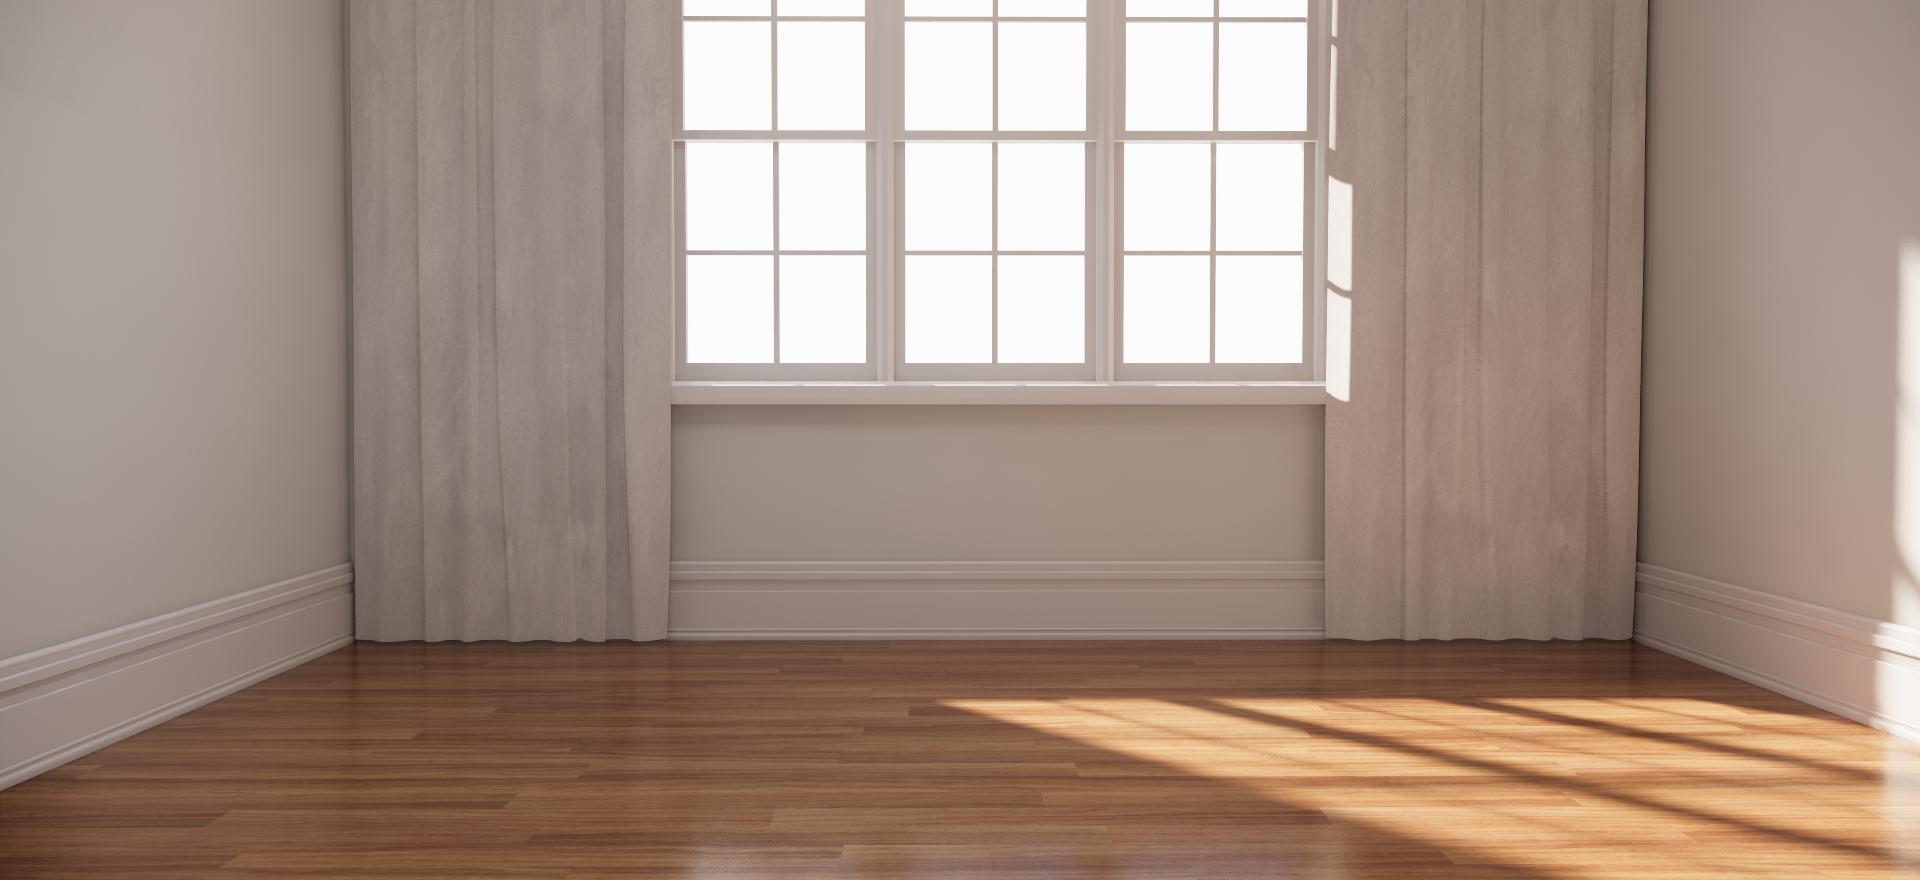 Wood Flooring 30.png